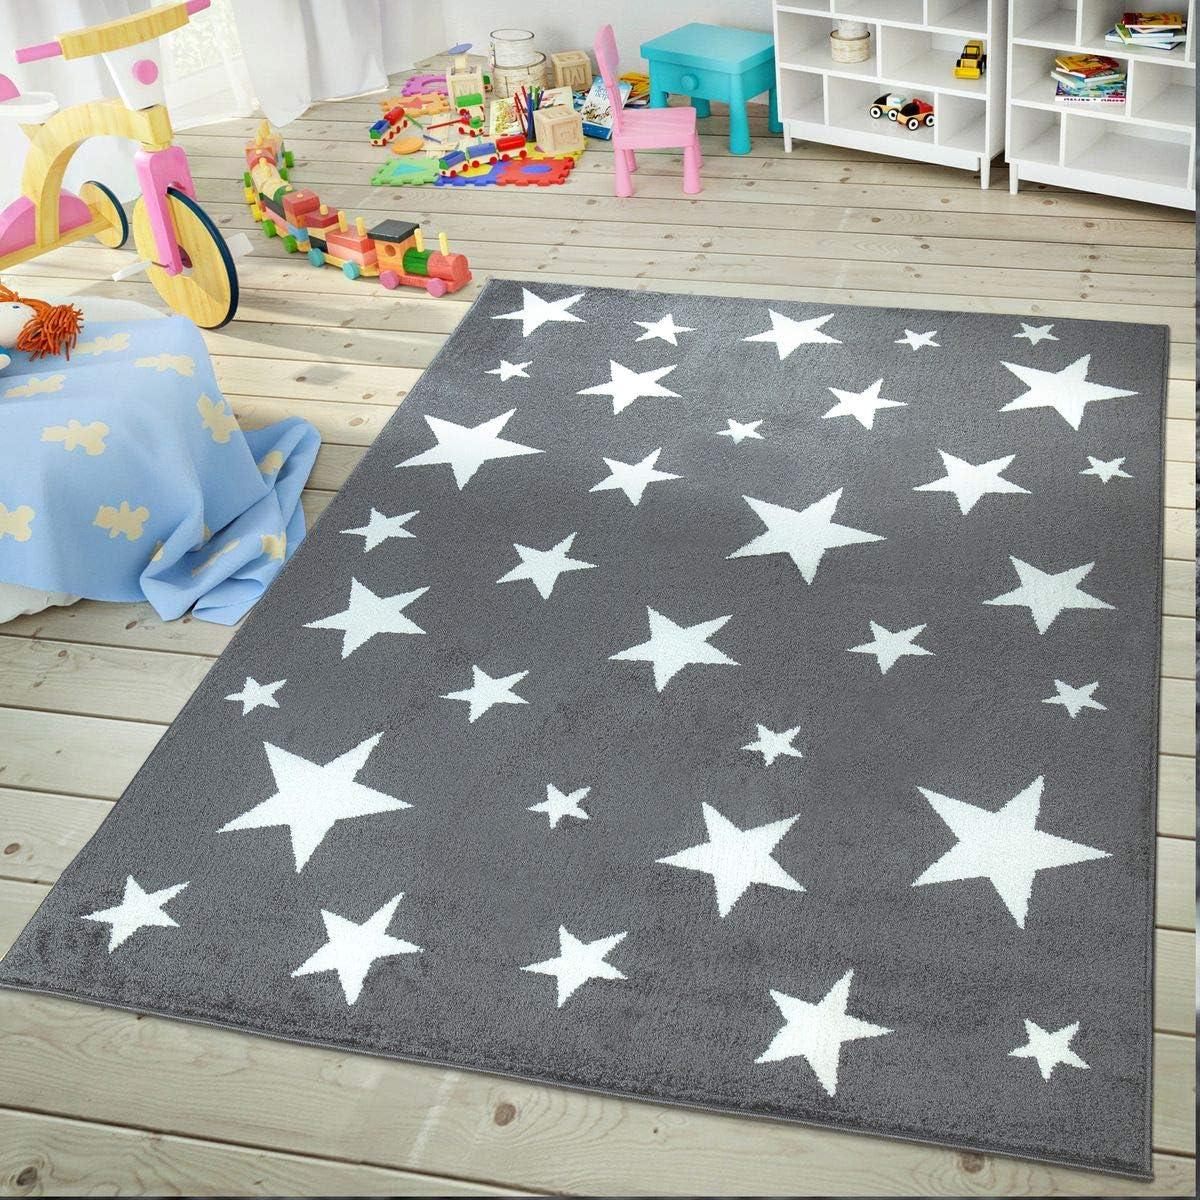 80 x 150 cm Pelo Corto Color Gris Antracita TT Home Alfombra para habitaci/ón Infantil dise/ño de Estrellas Resistente y f/ácil de Limpiar